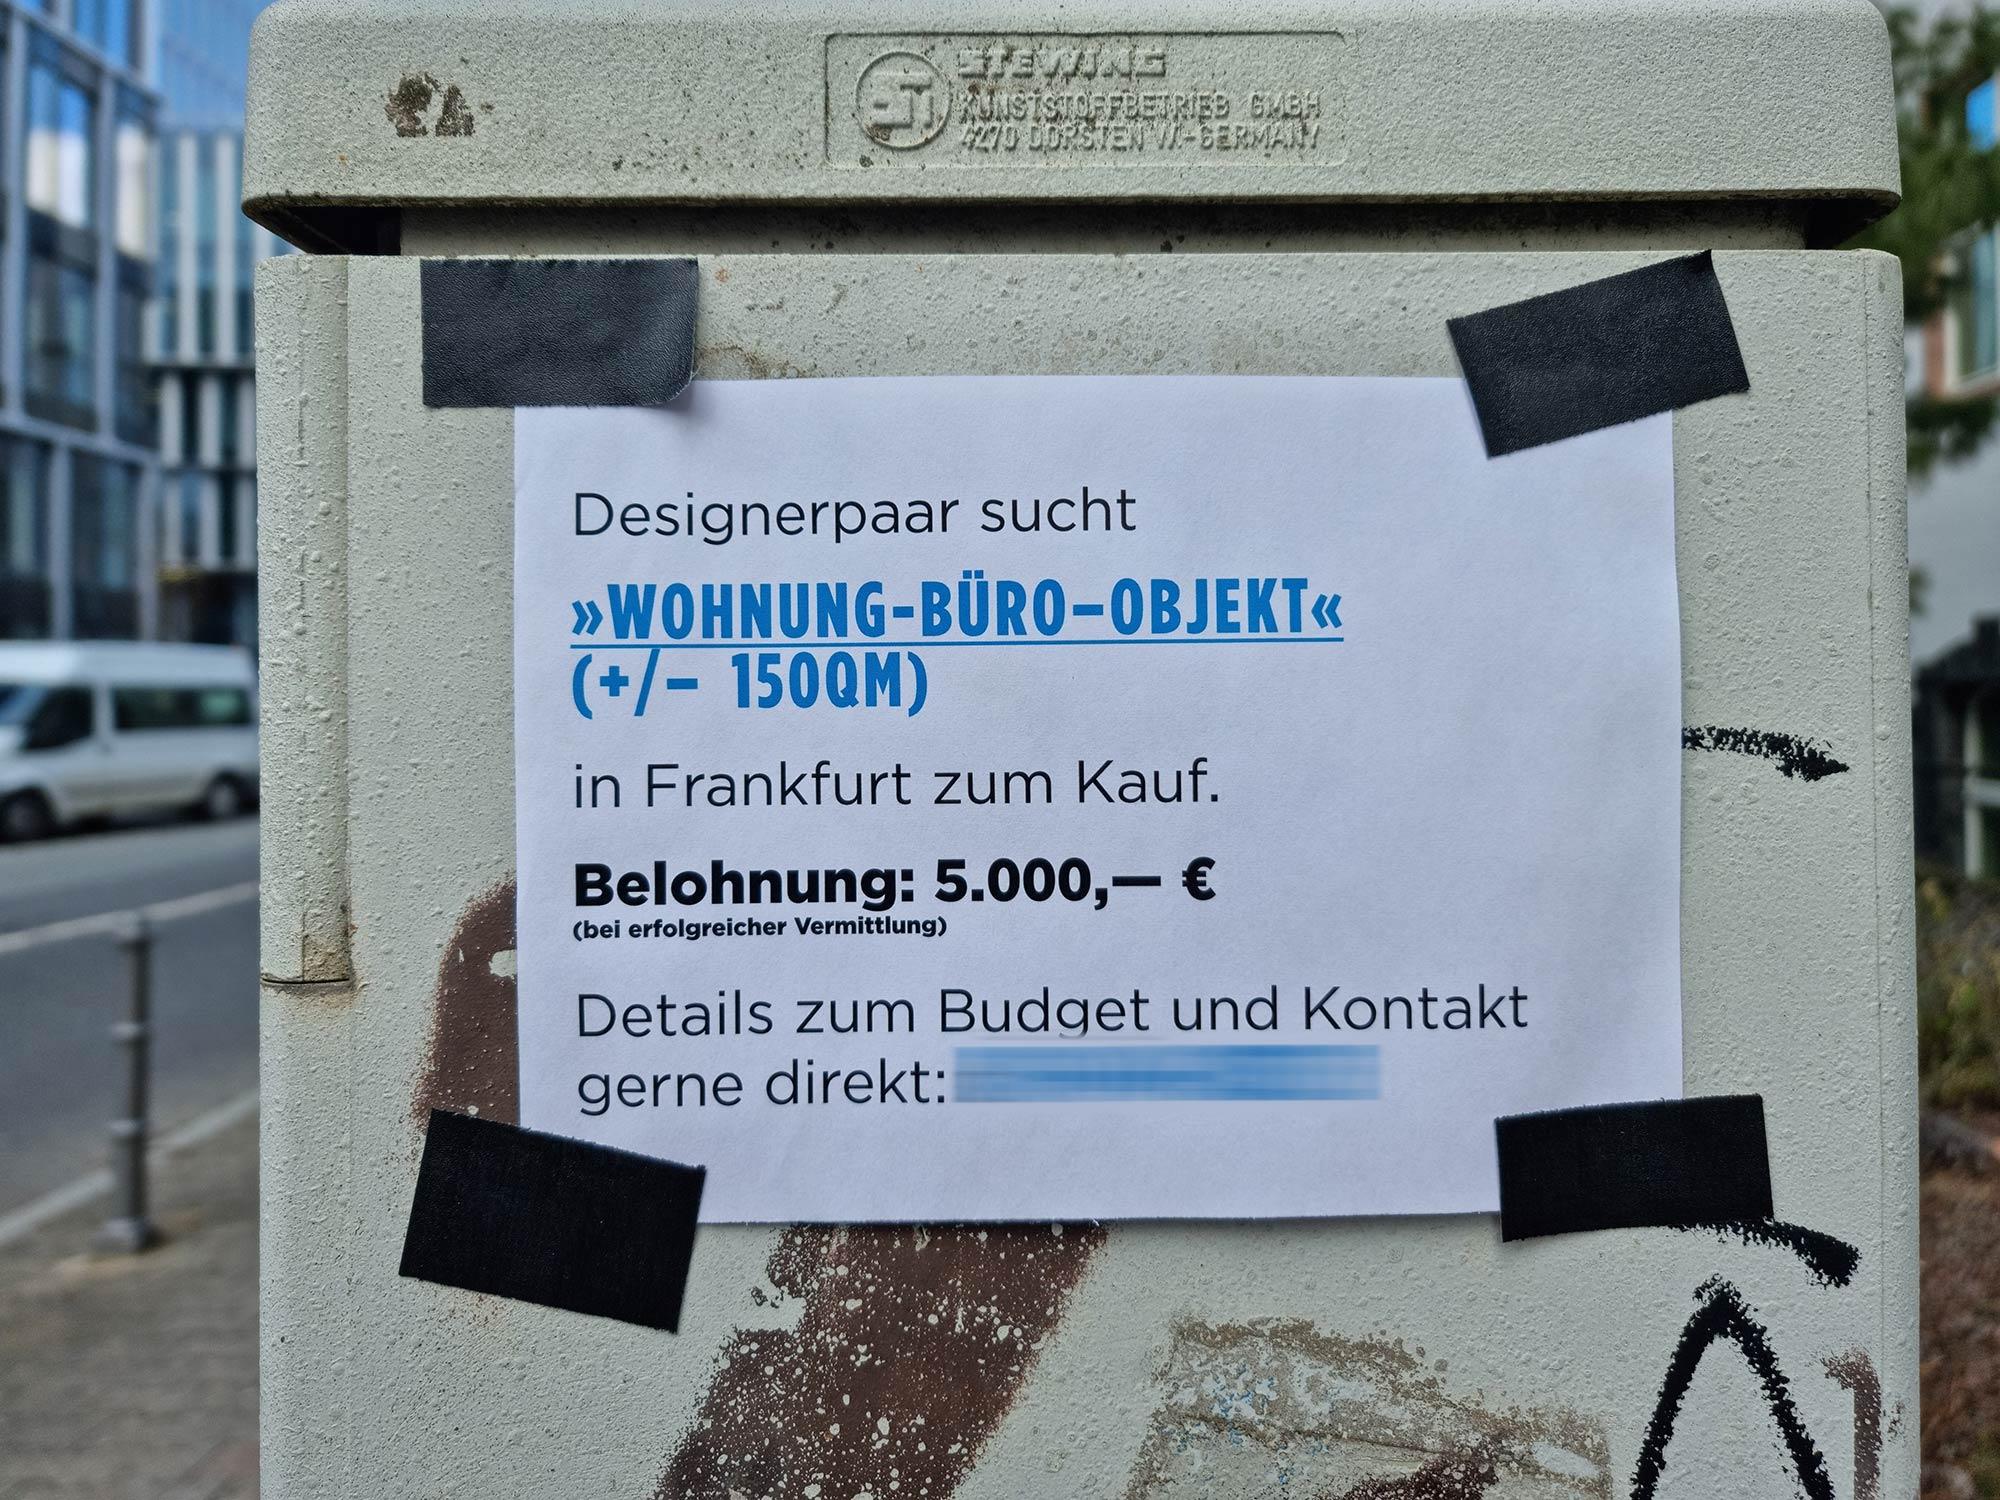 Immobilienmarkt Frankfurt - Wahnsinn Immobilienmarkt - Steigende Immobilienpreise - Mietgesuch - Kopfgeld für Wohnungsvermittlung - Provision Wohnung Frankfurt